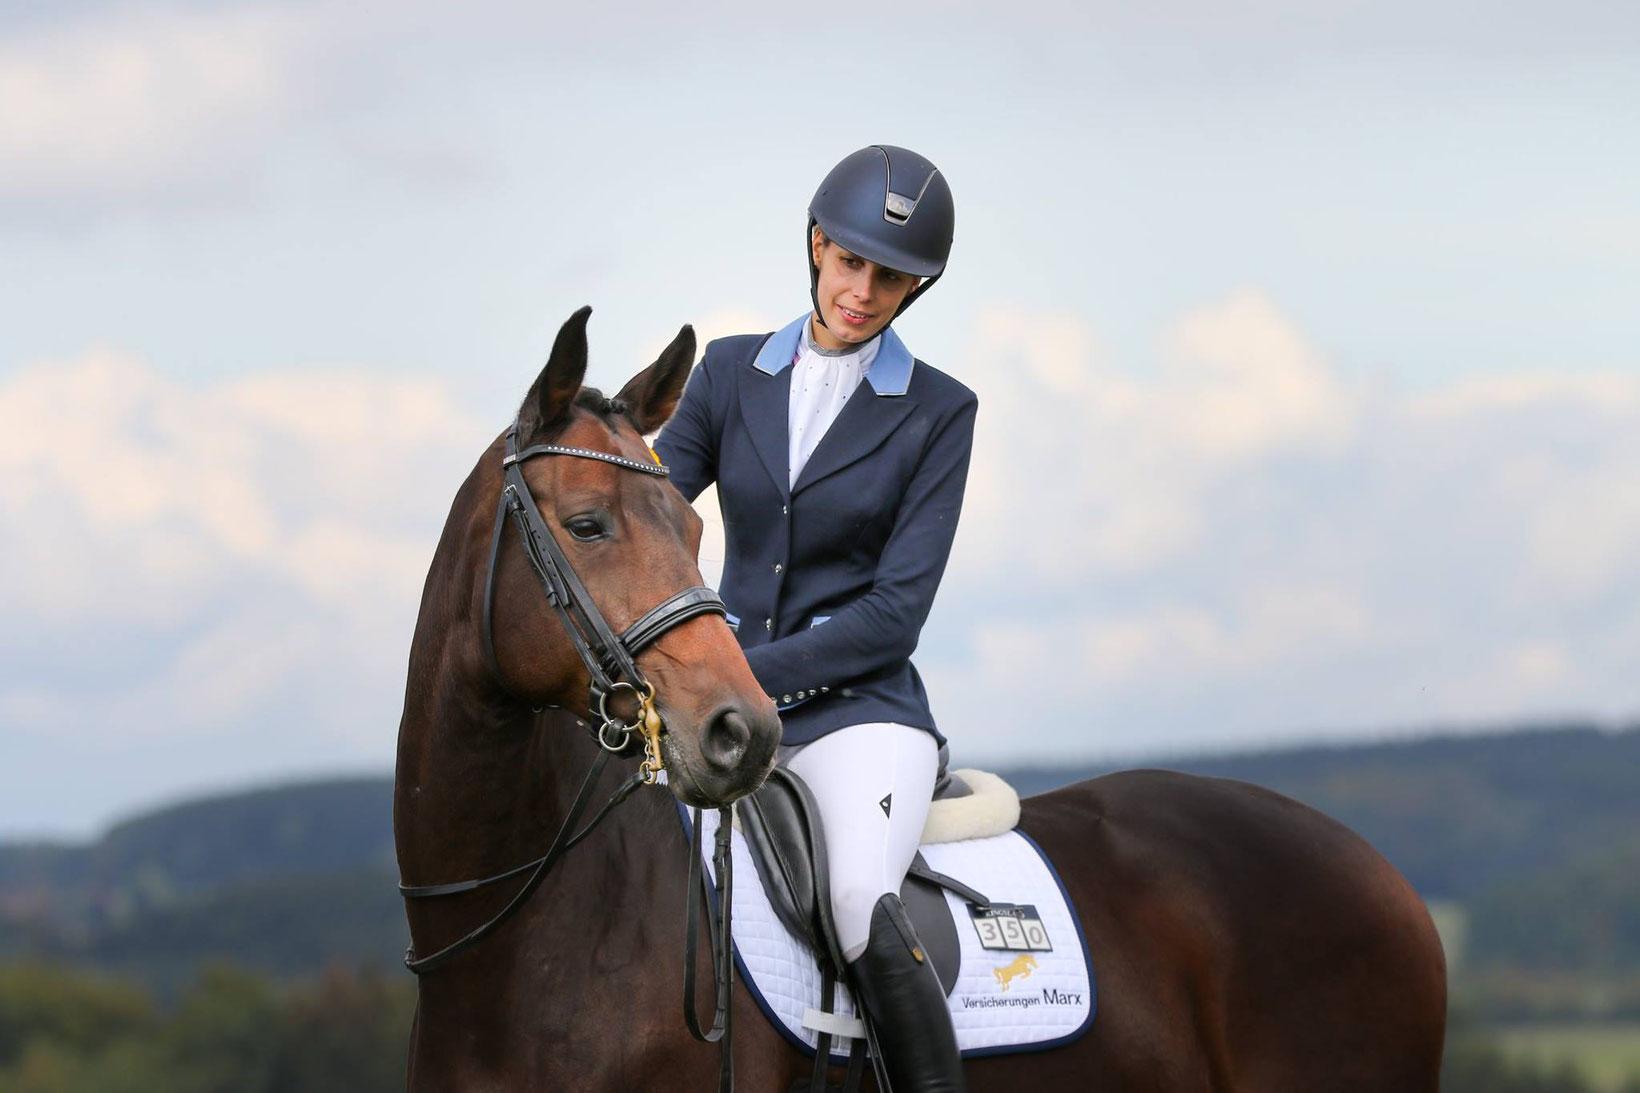 Versicherungsschutz für junge Pferdewirte